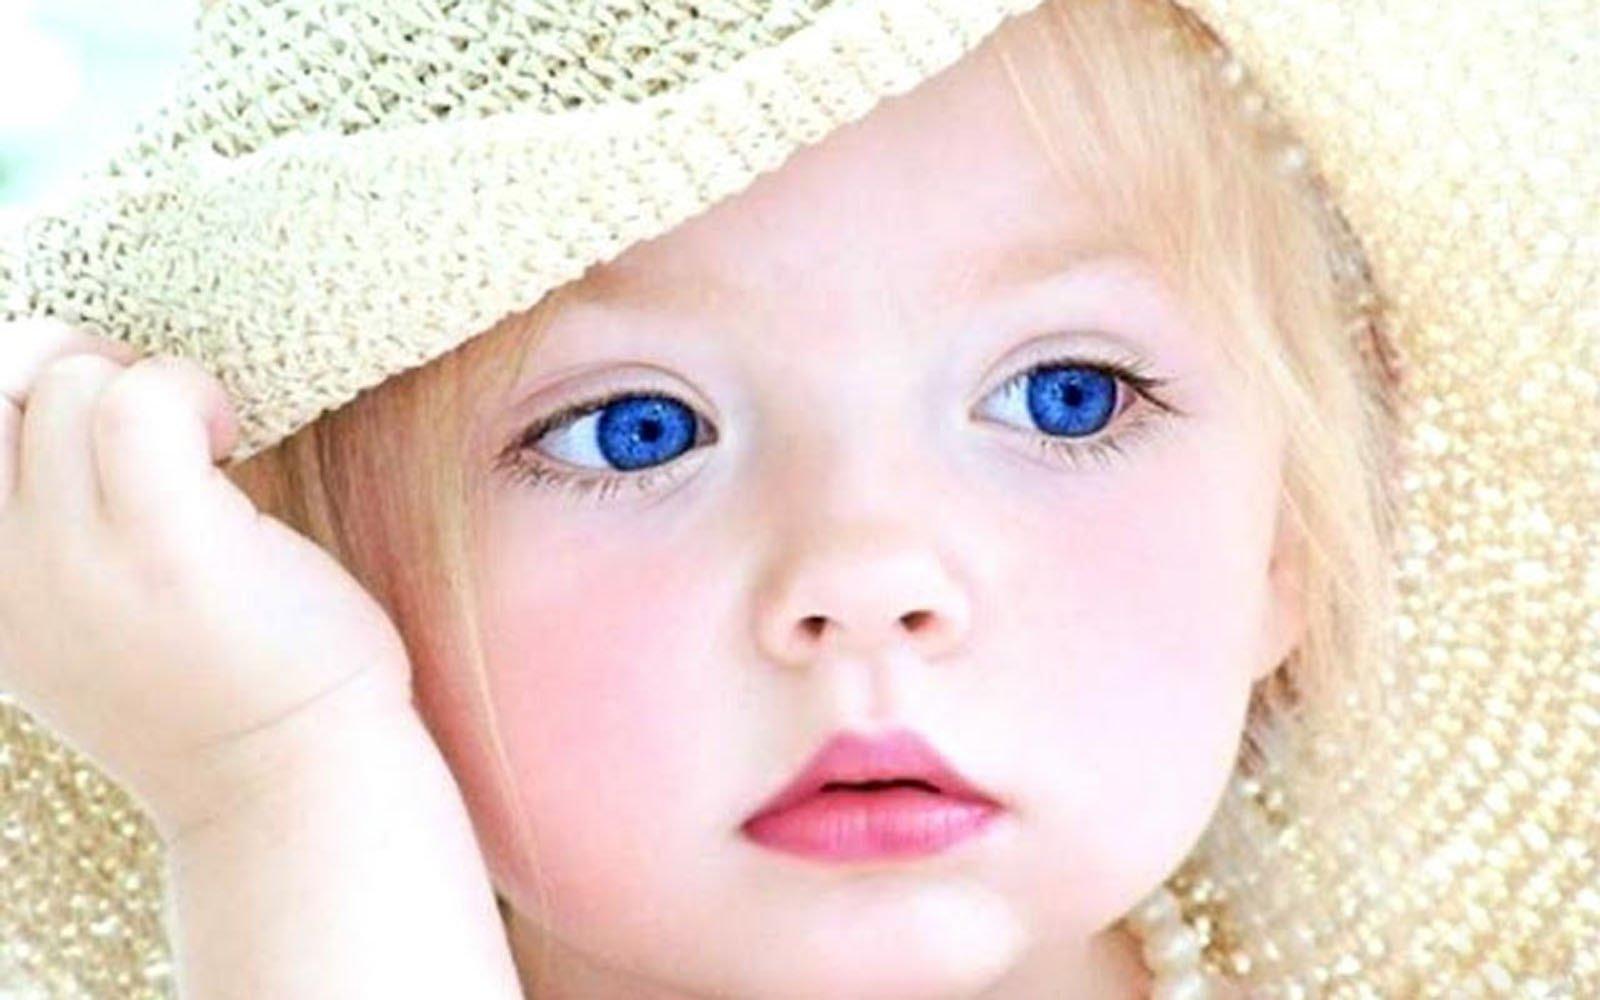 بالصور اجمل الصور للاطفال البنات , اروع صور البنات الصغار 3734